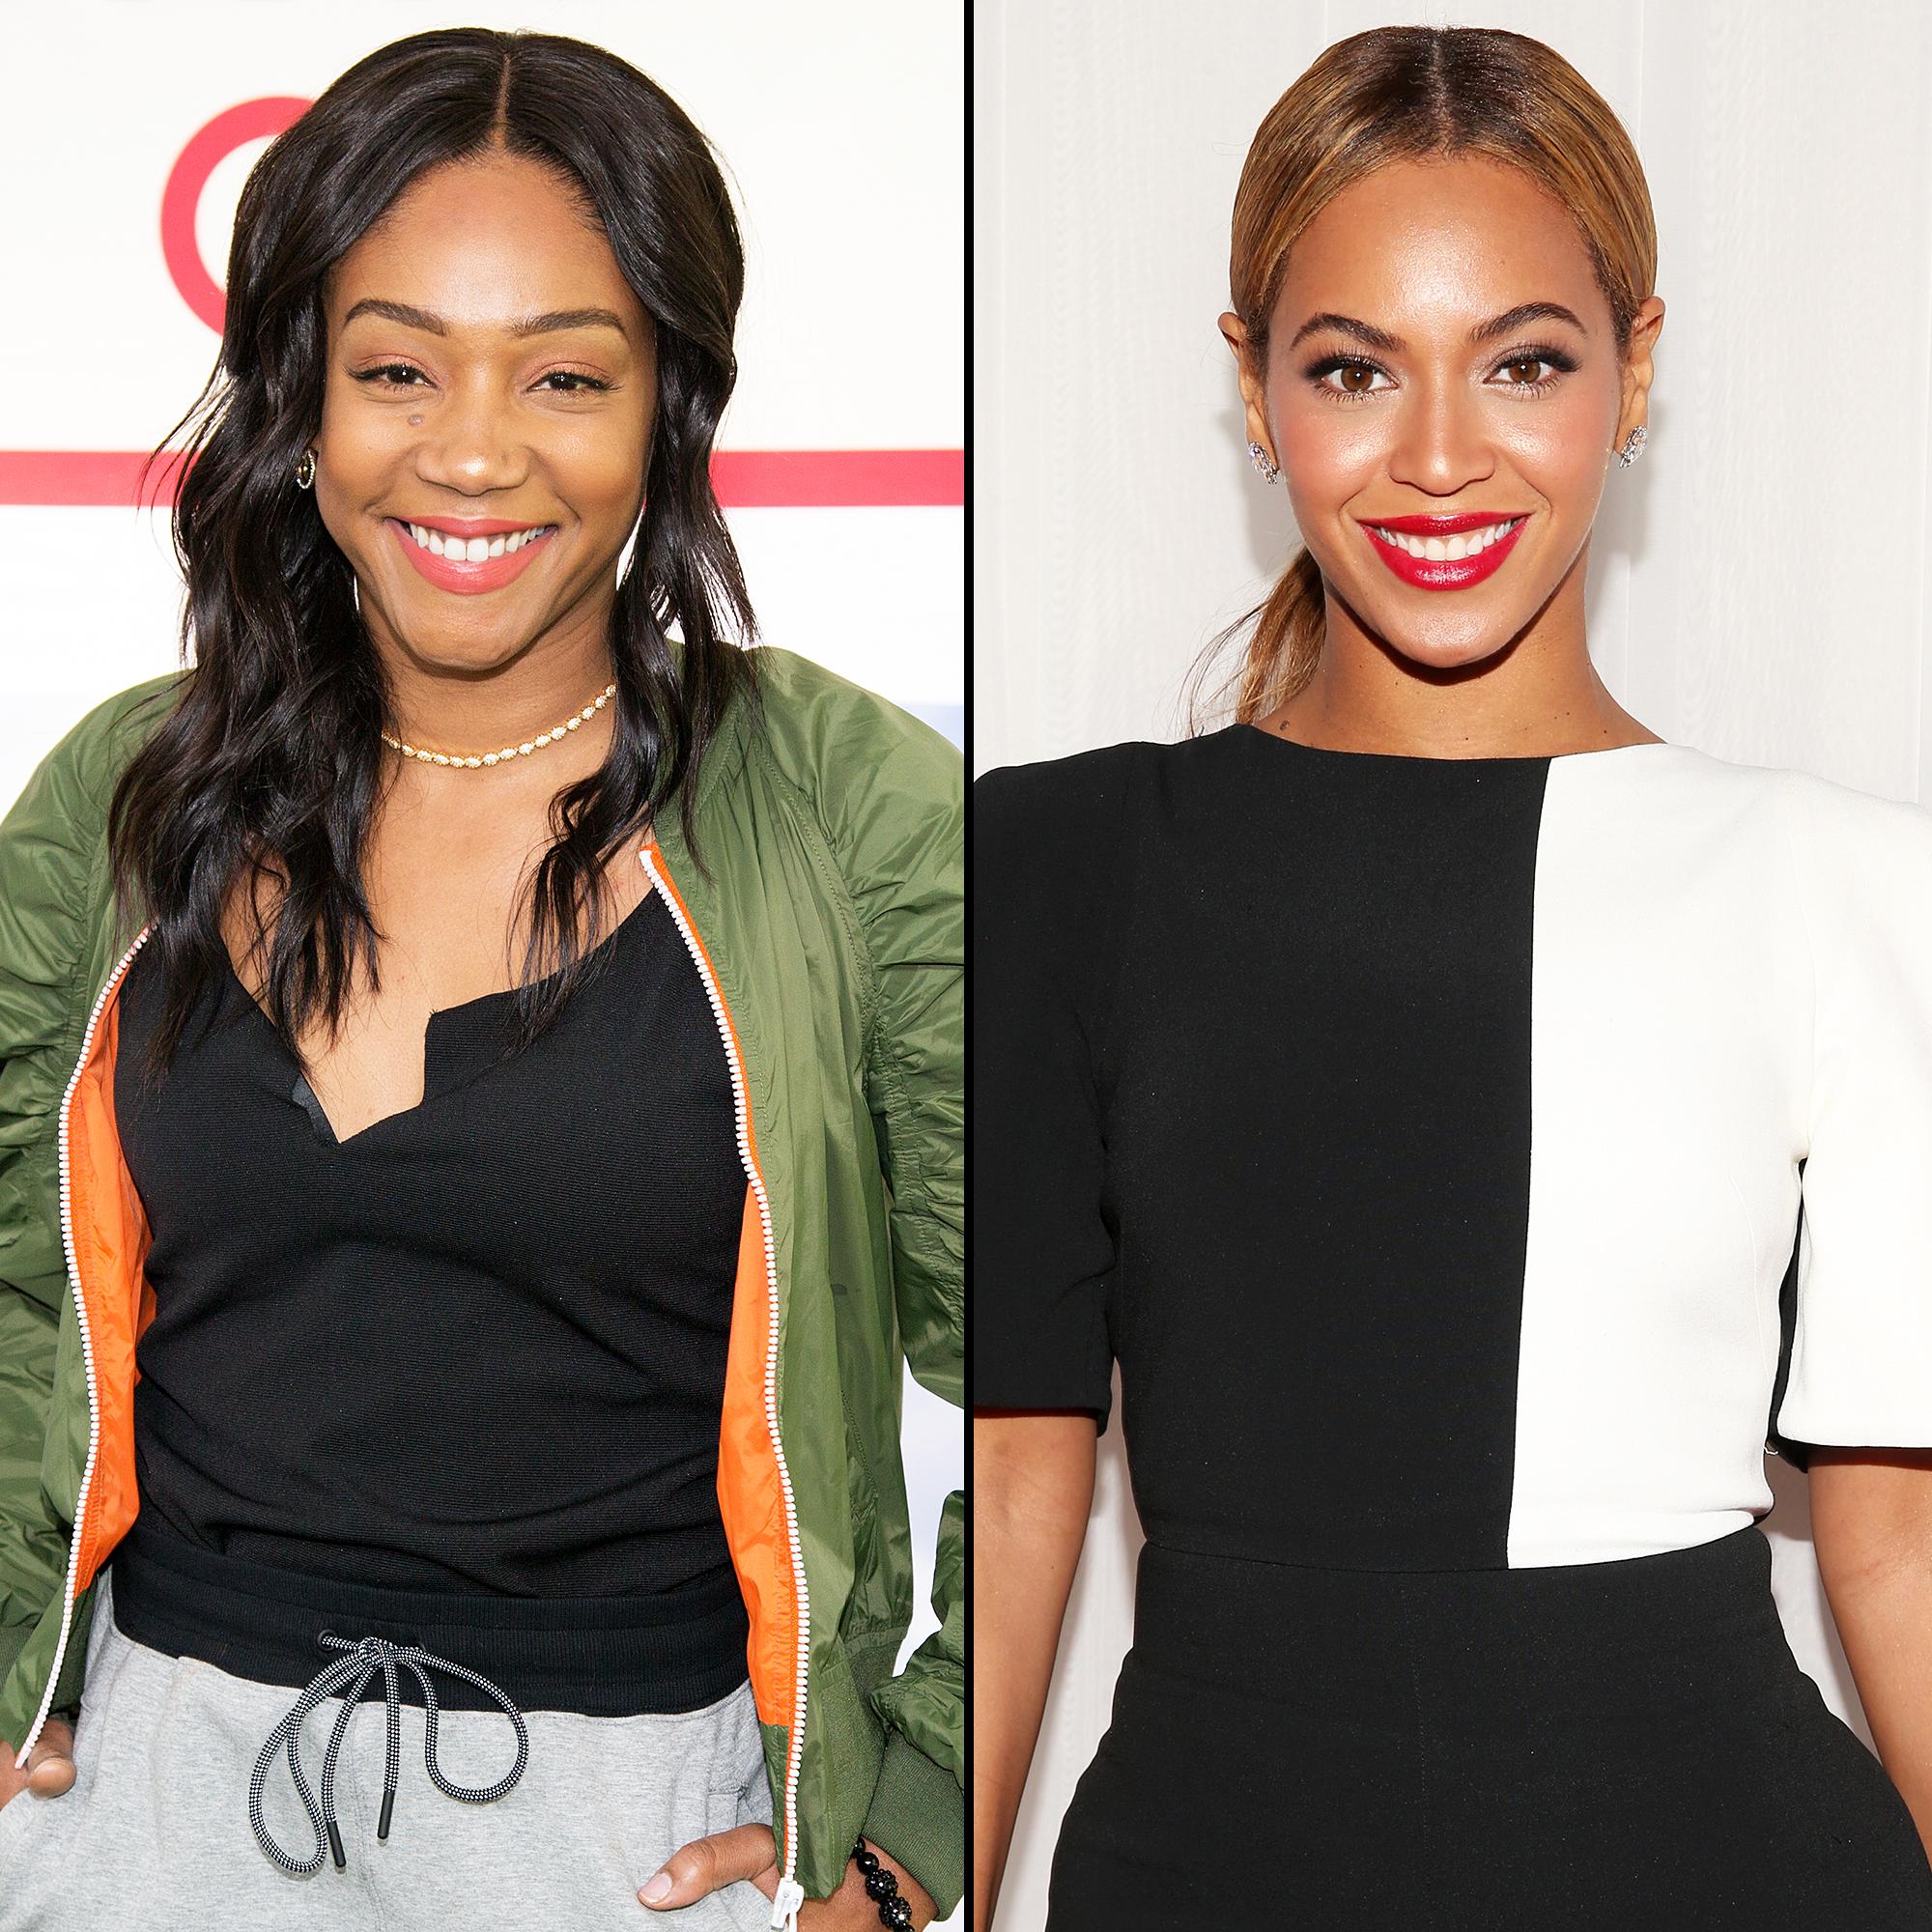 Tiffany Haddish Won't Reveal Who Bit Beyonce Because She Signed a NDA